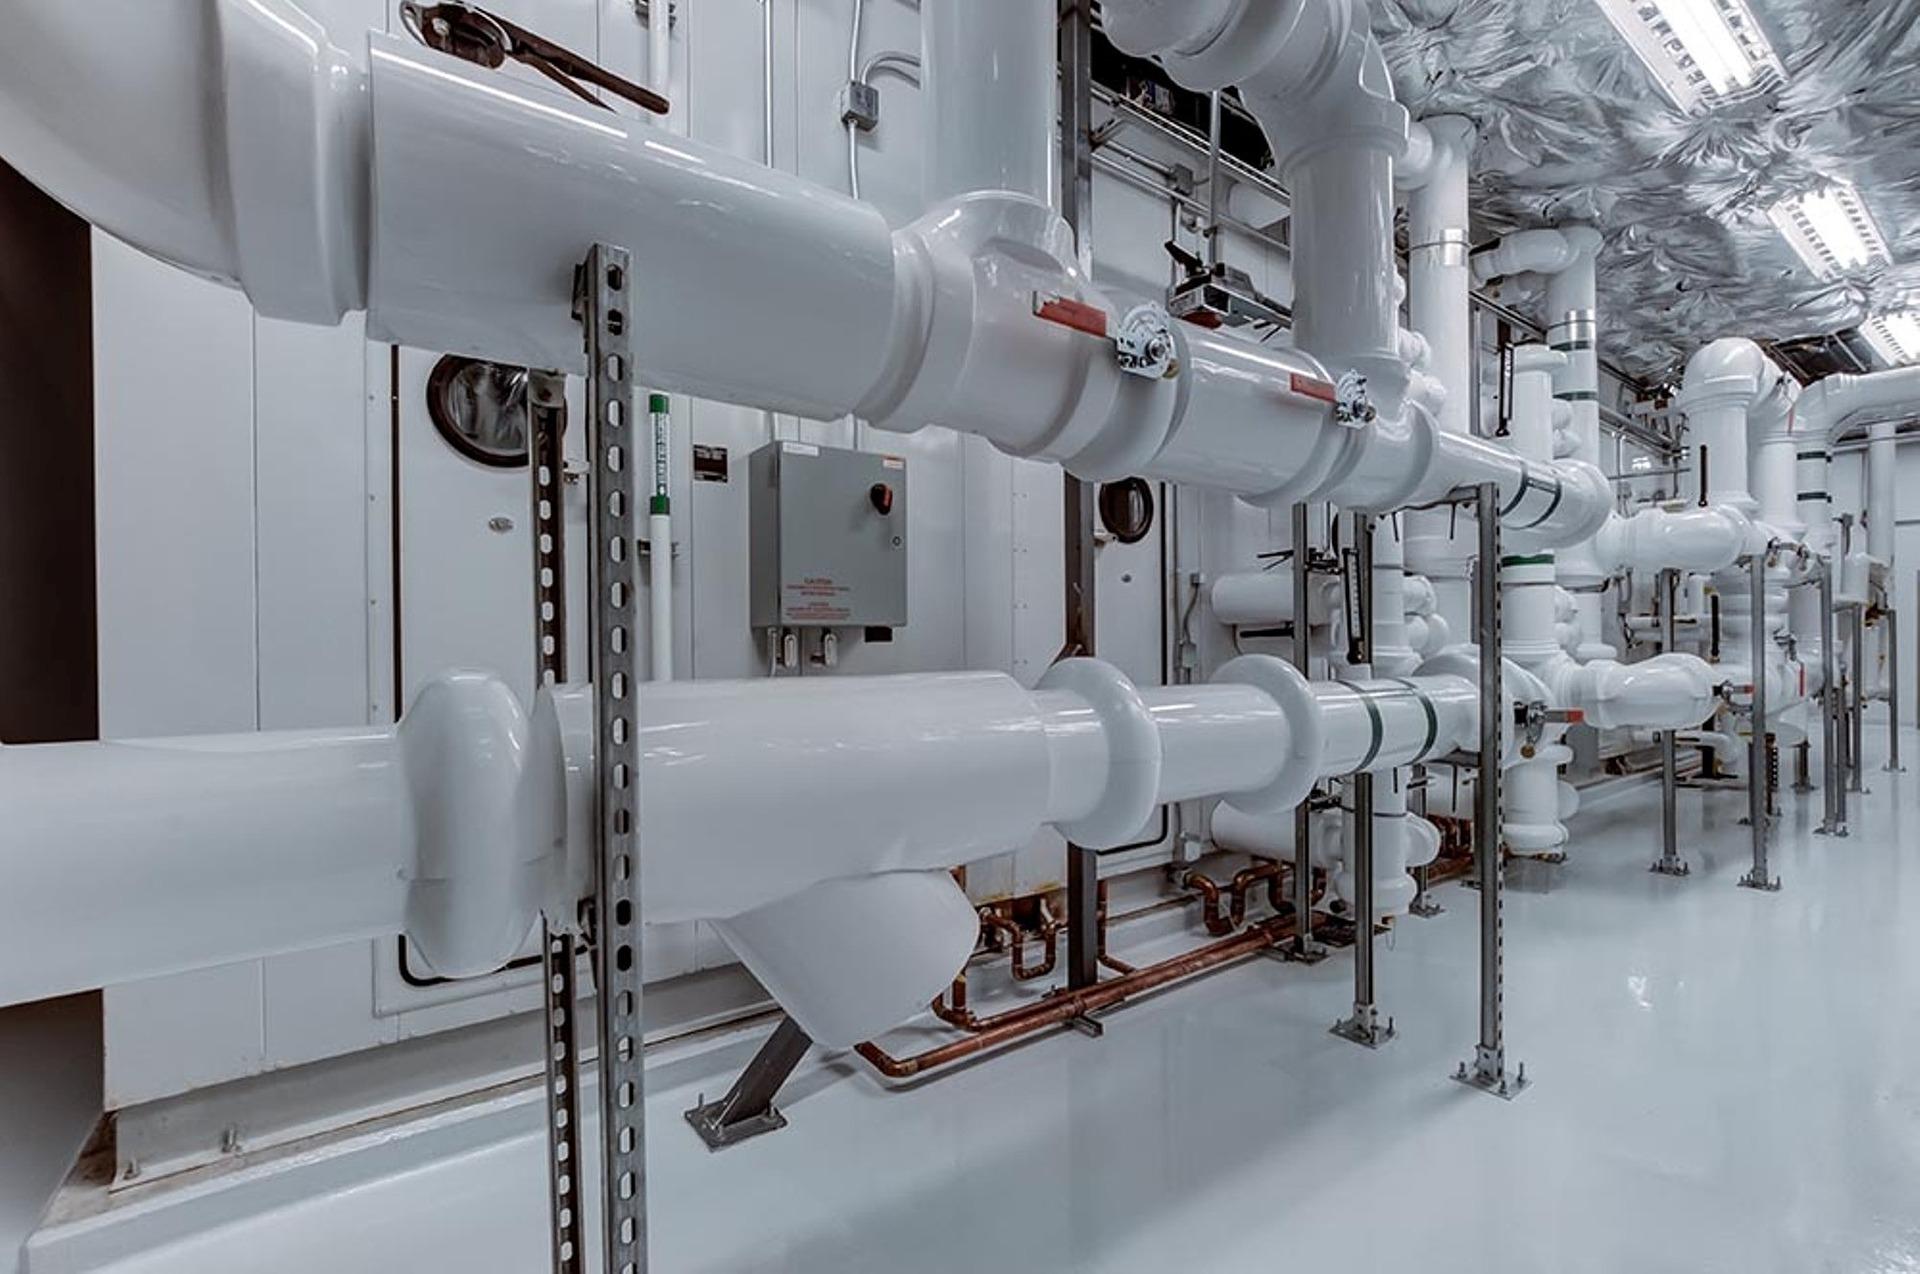 plumbing-1103725_1920